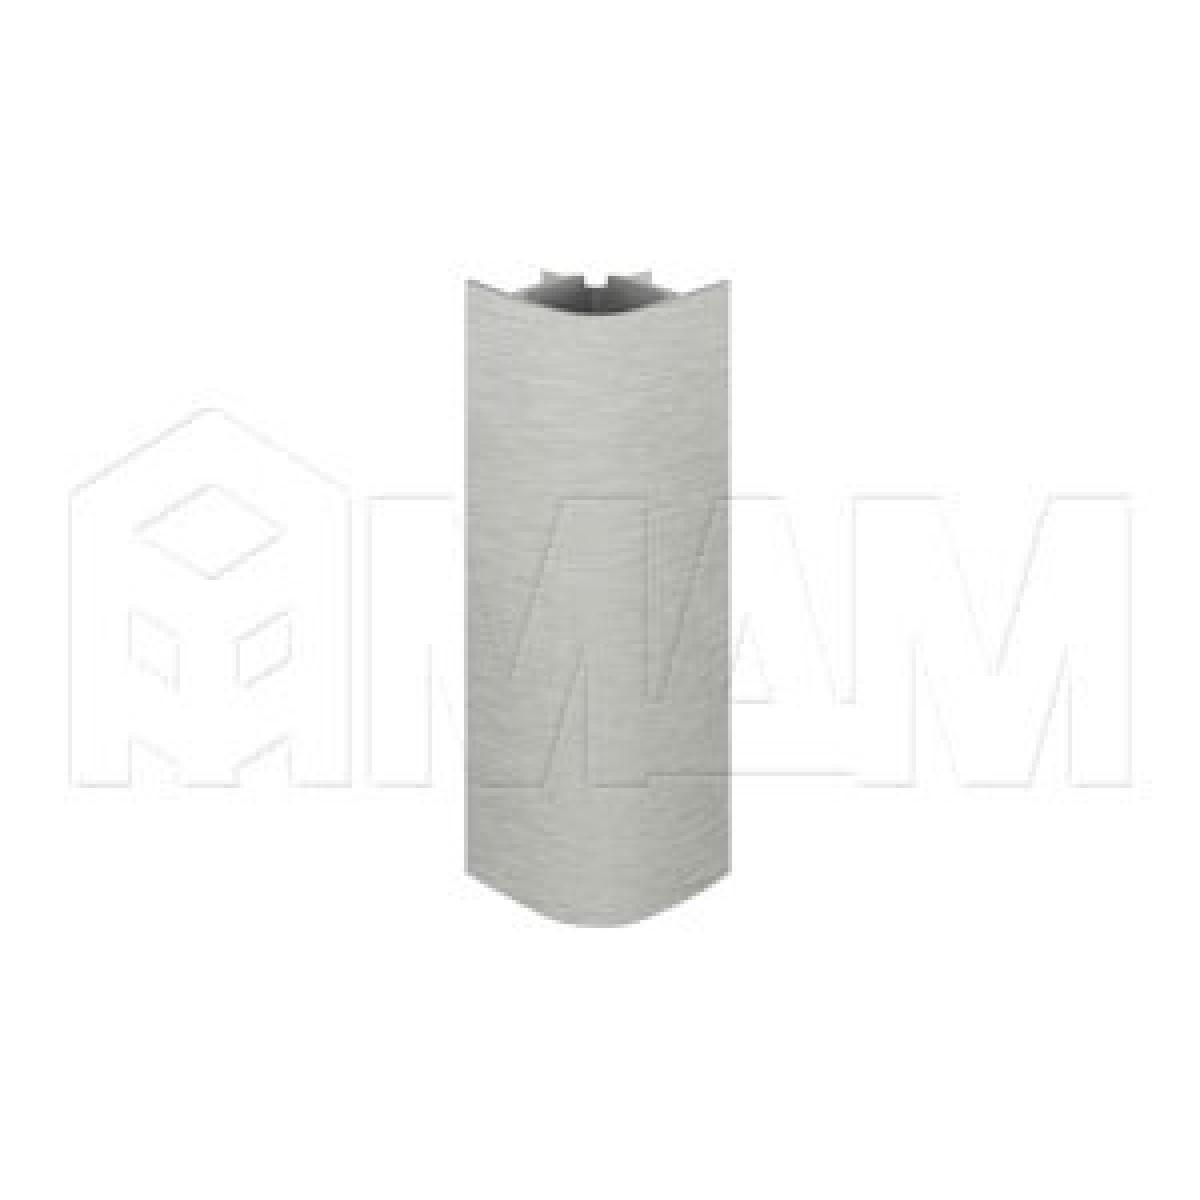 Цоколи пластиковые - Уголок 90 градусов (высота 100), нержавеющая сталь